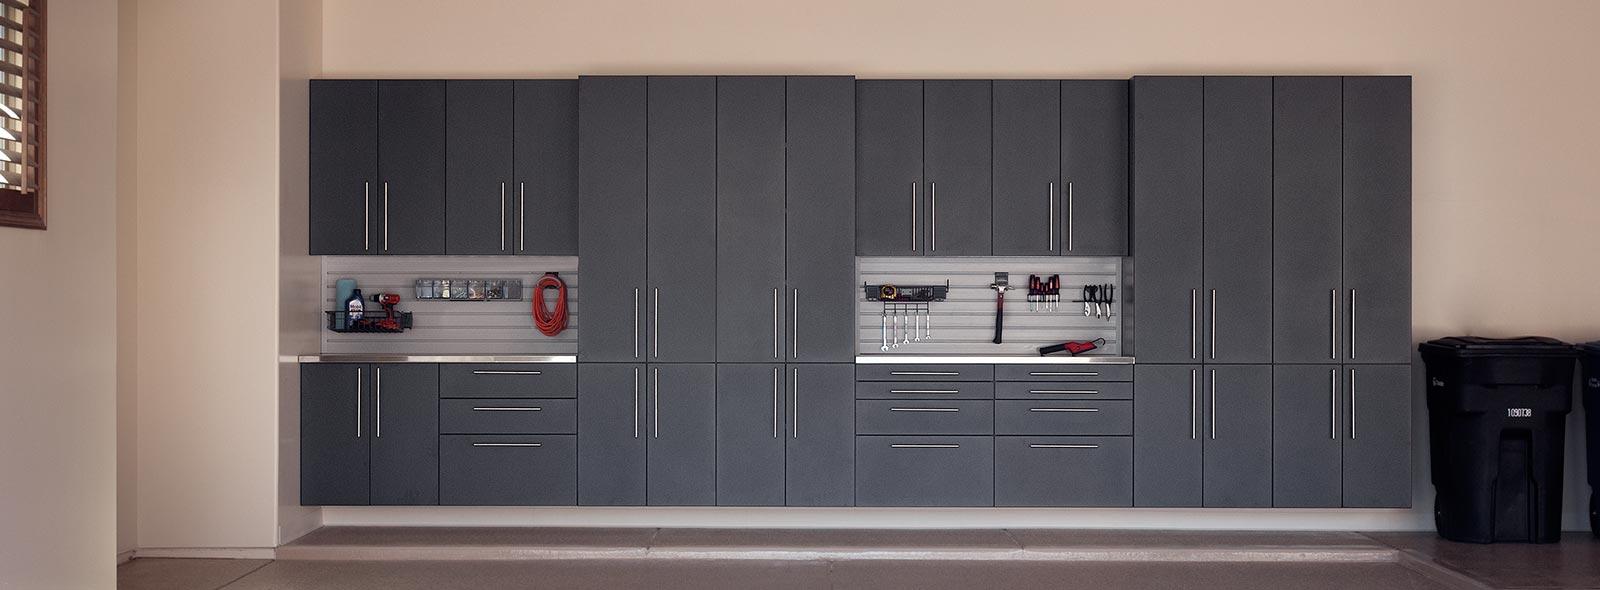 Garage Storage Cabinets Matte Metallic Wood